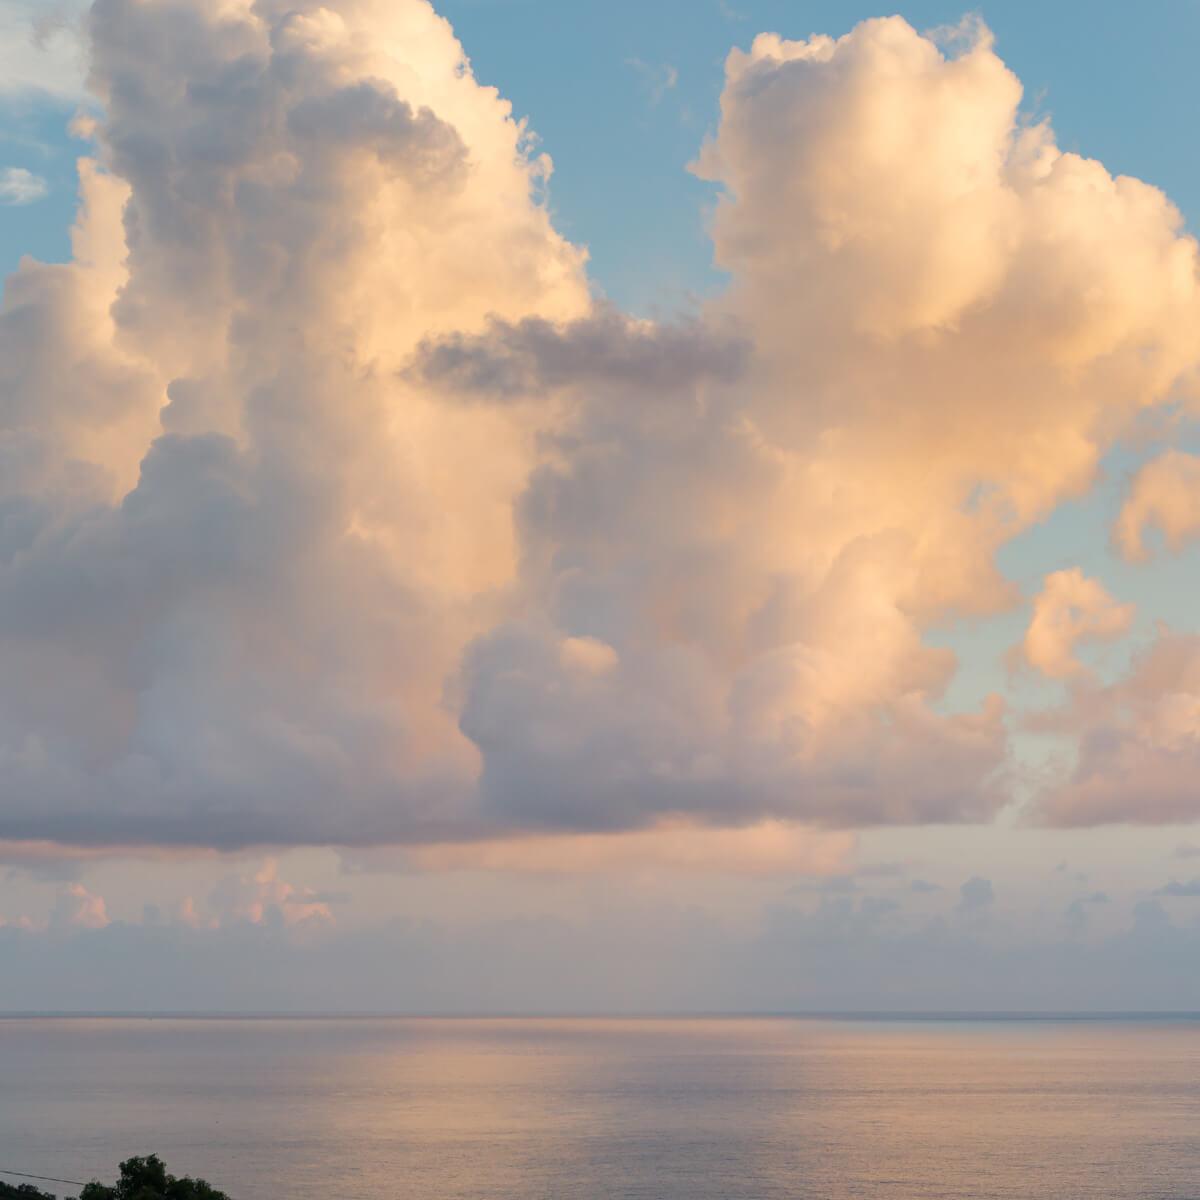 夕暮れ時の空 屋久島日々の暮らしとジュエリー オーダーメイドマリッジリングのモチーフ